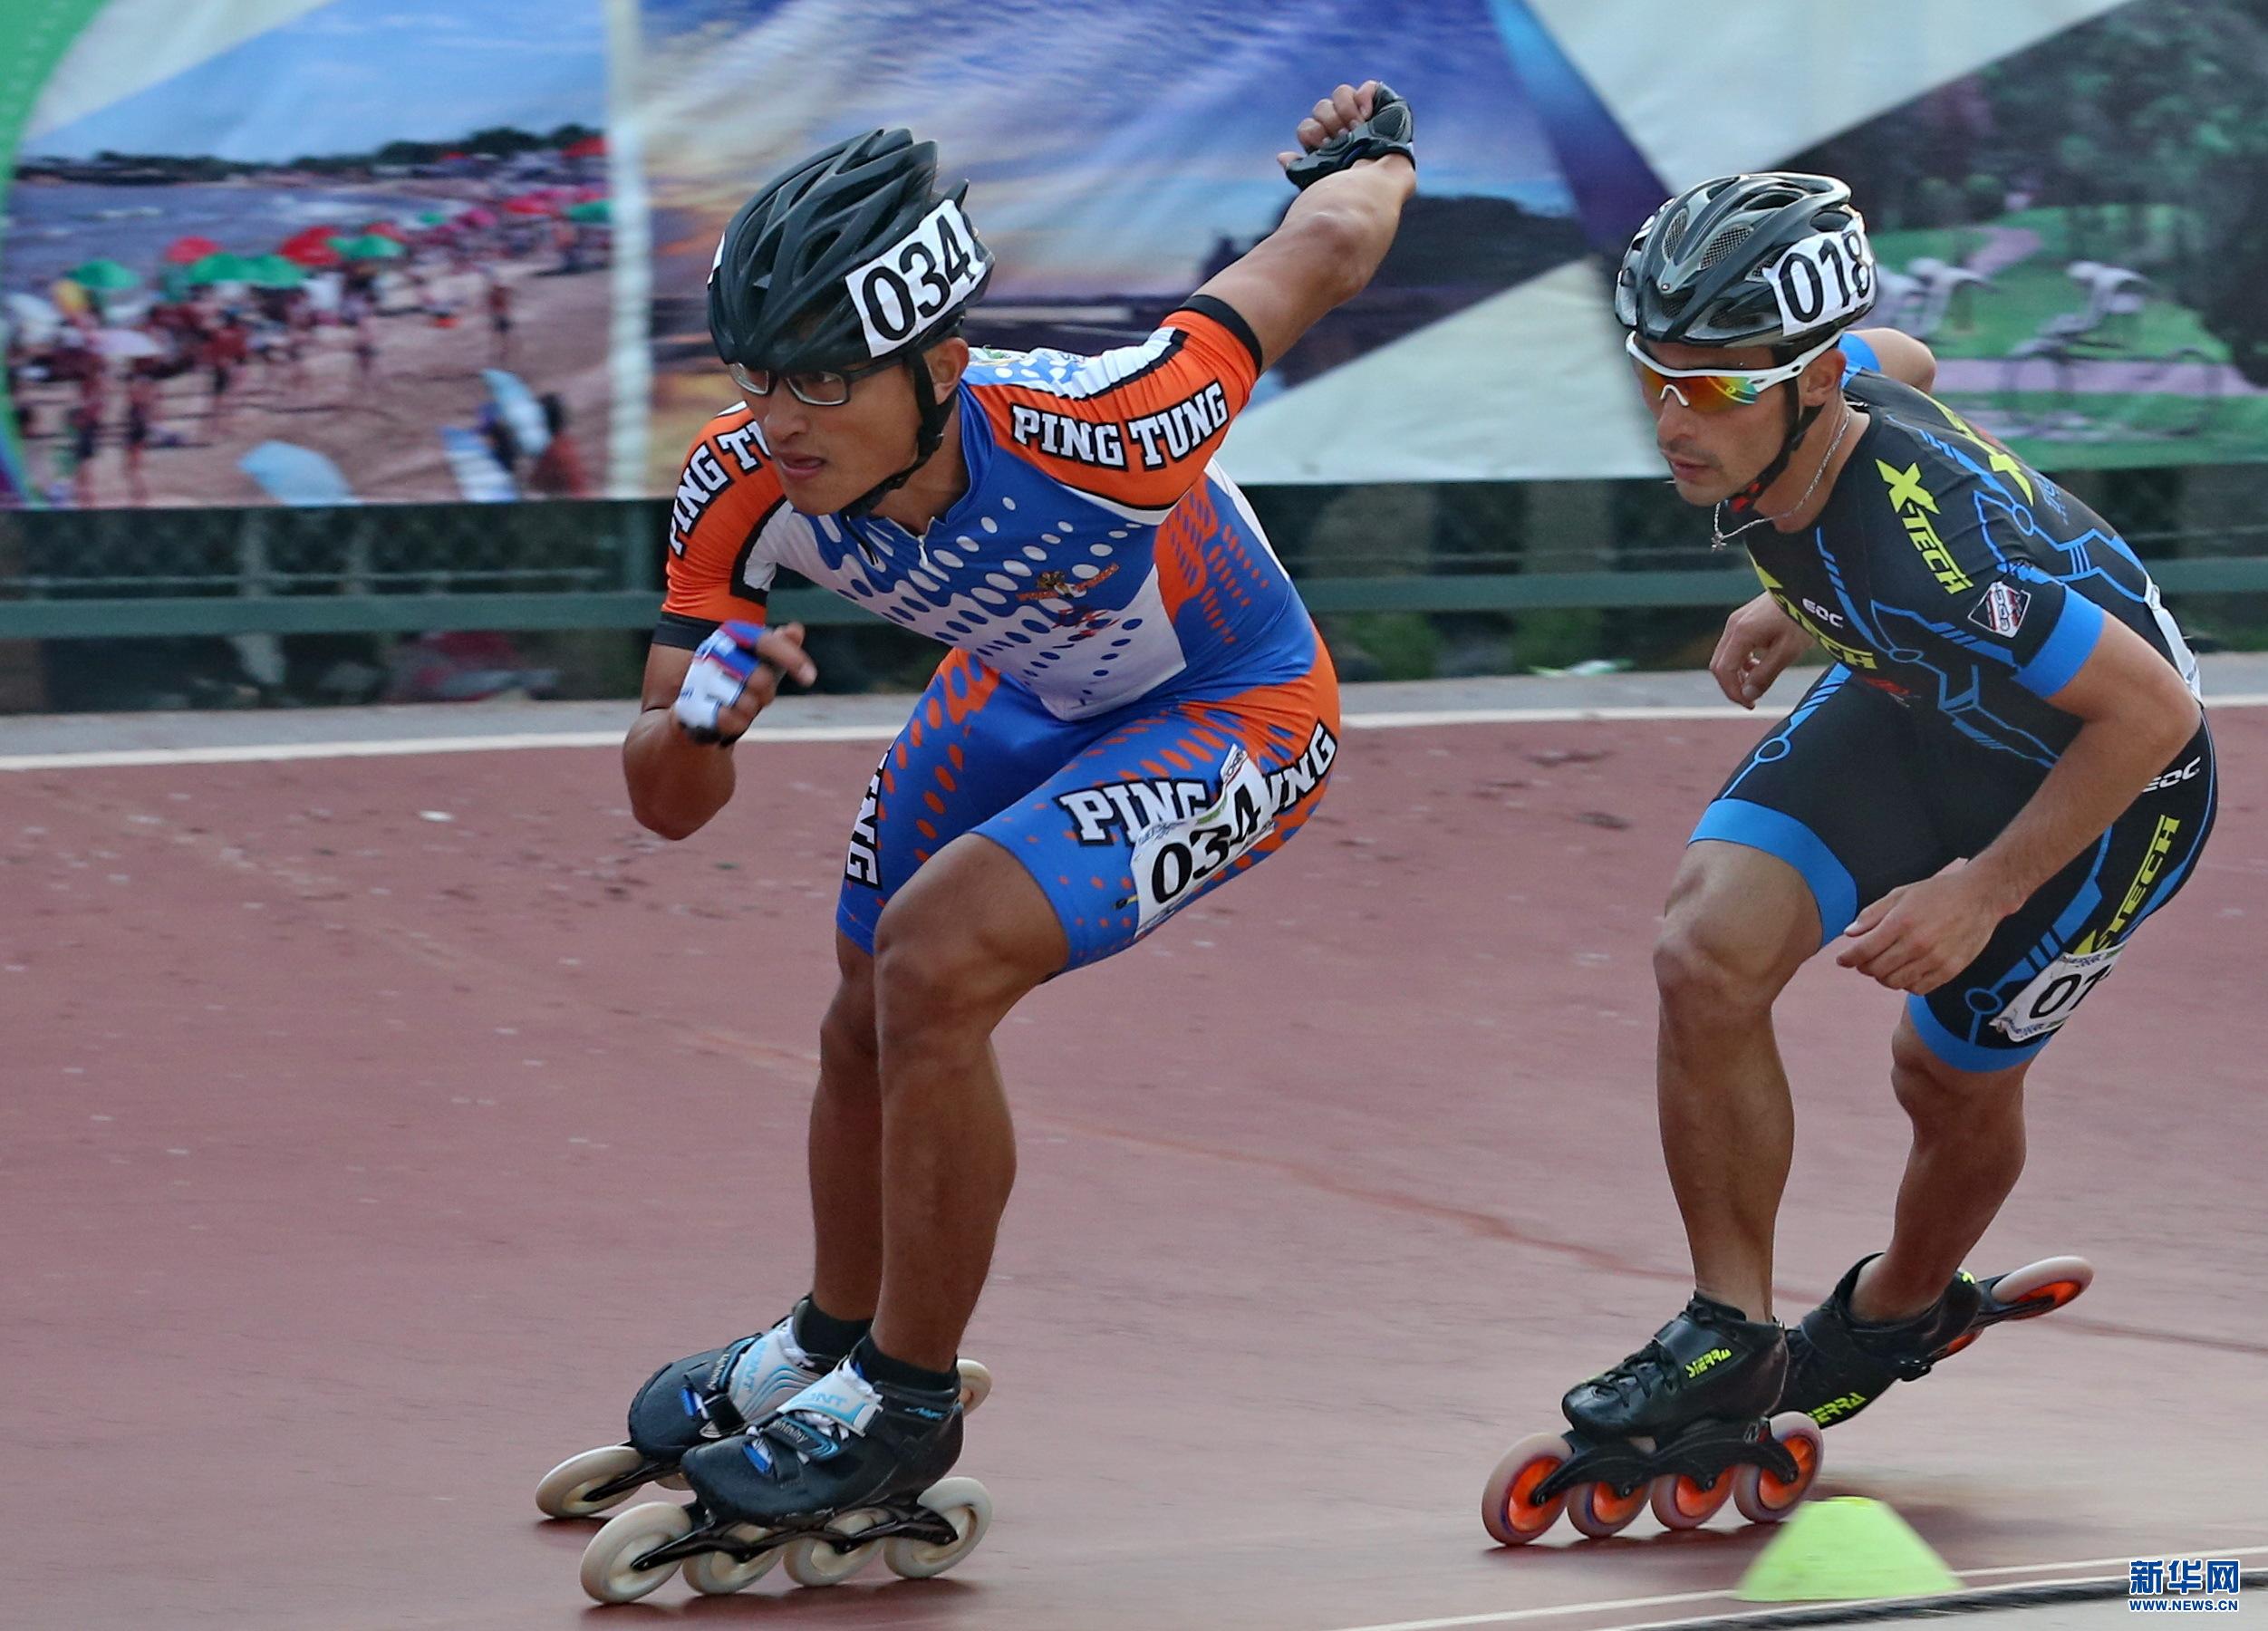 体育 轮滑 北戴河国际速度轮滑公开赛赛况